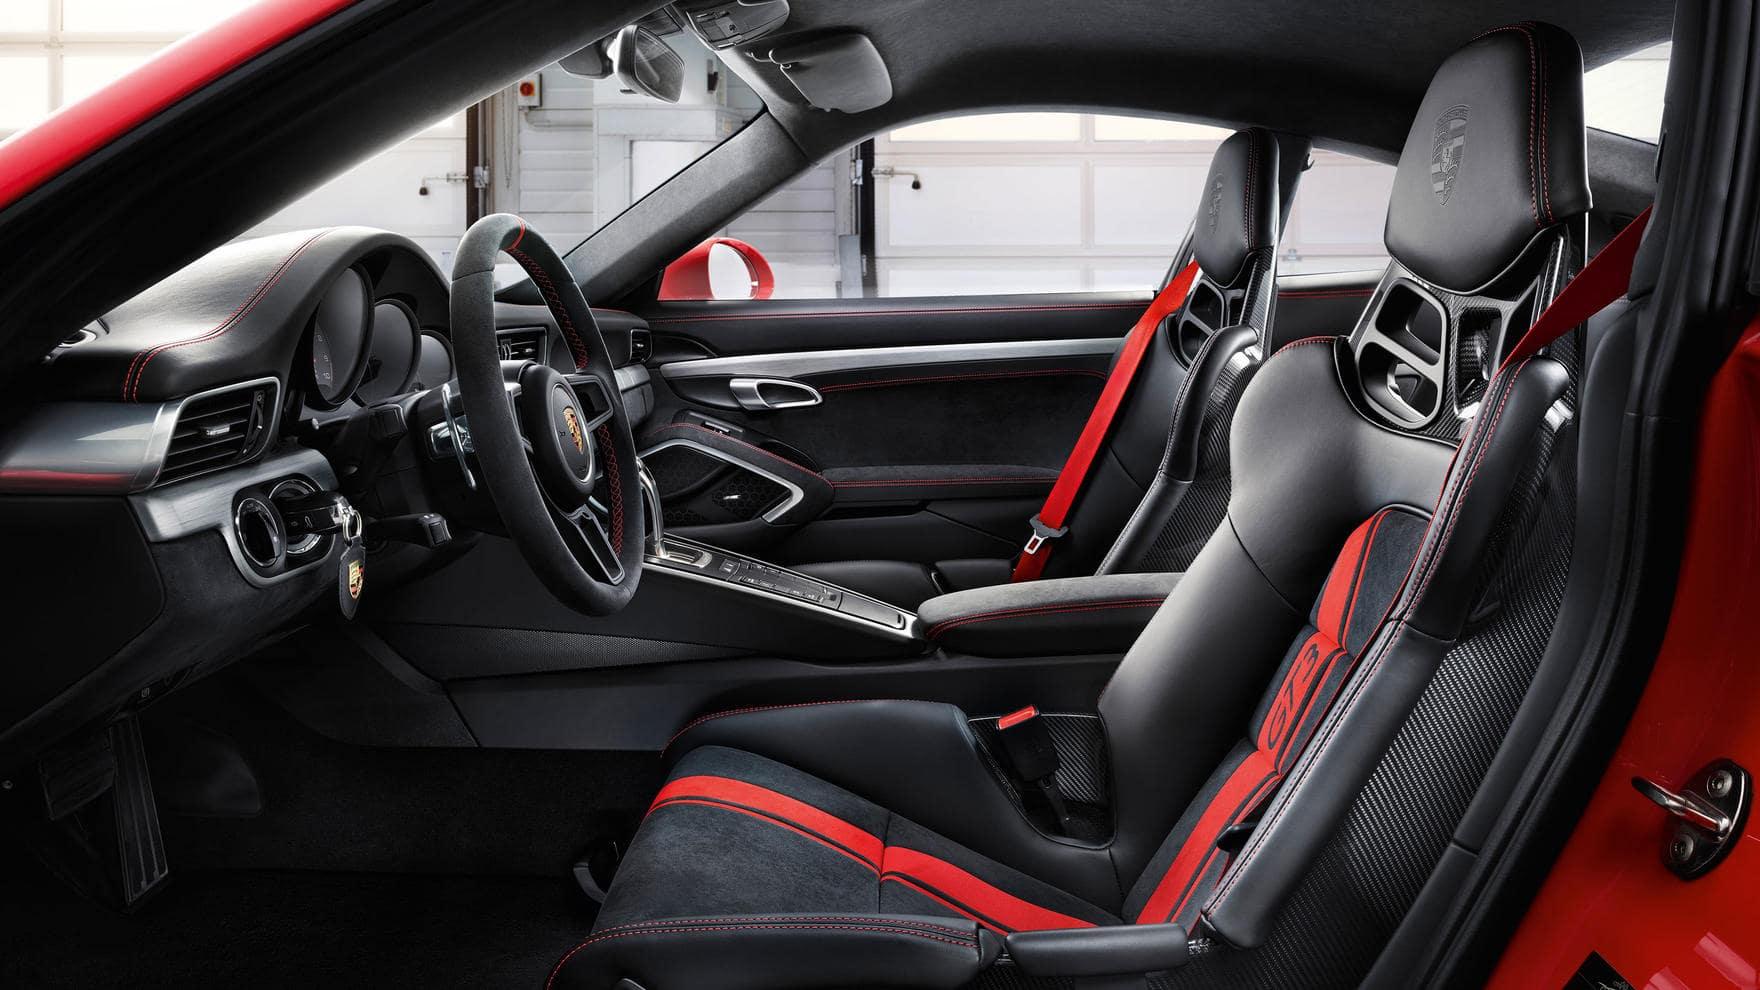 911 GT3 cabin